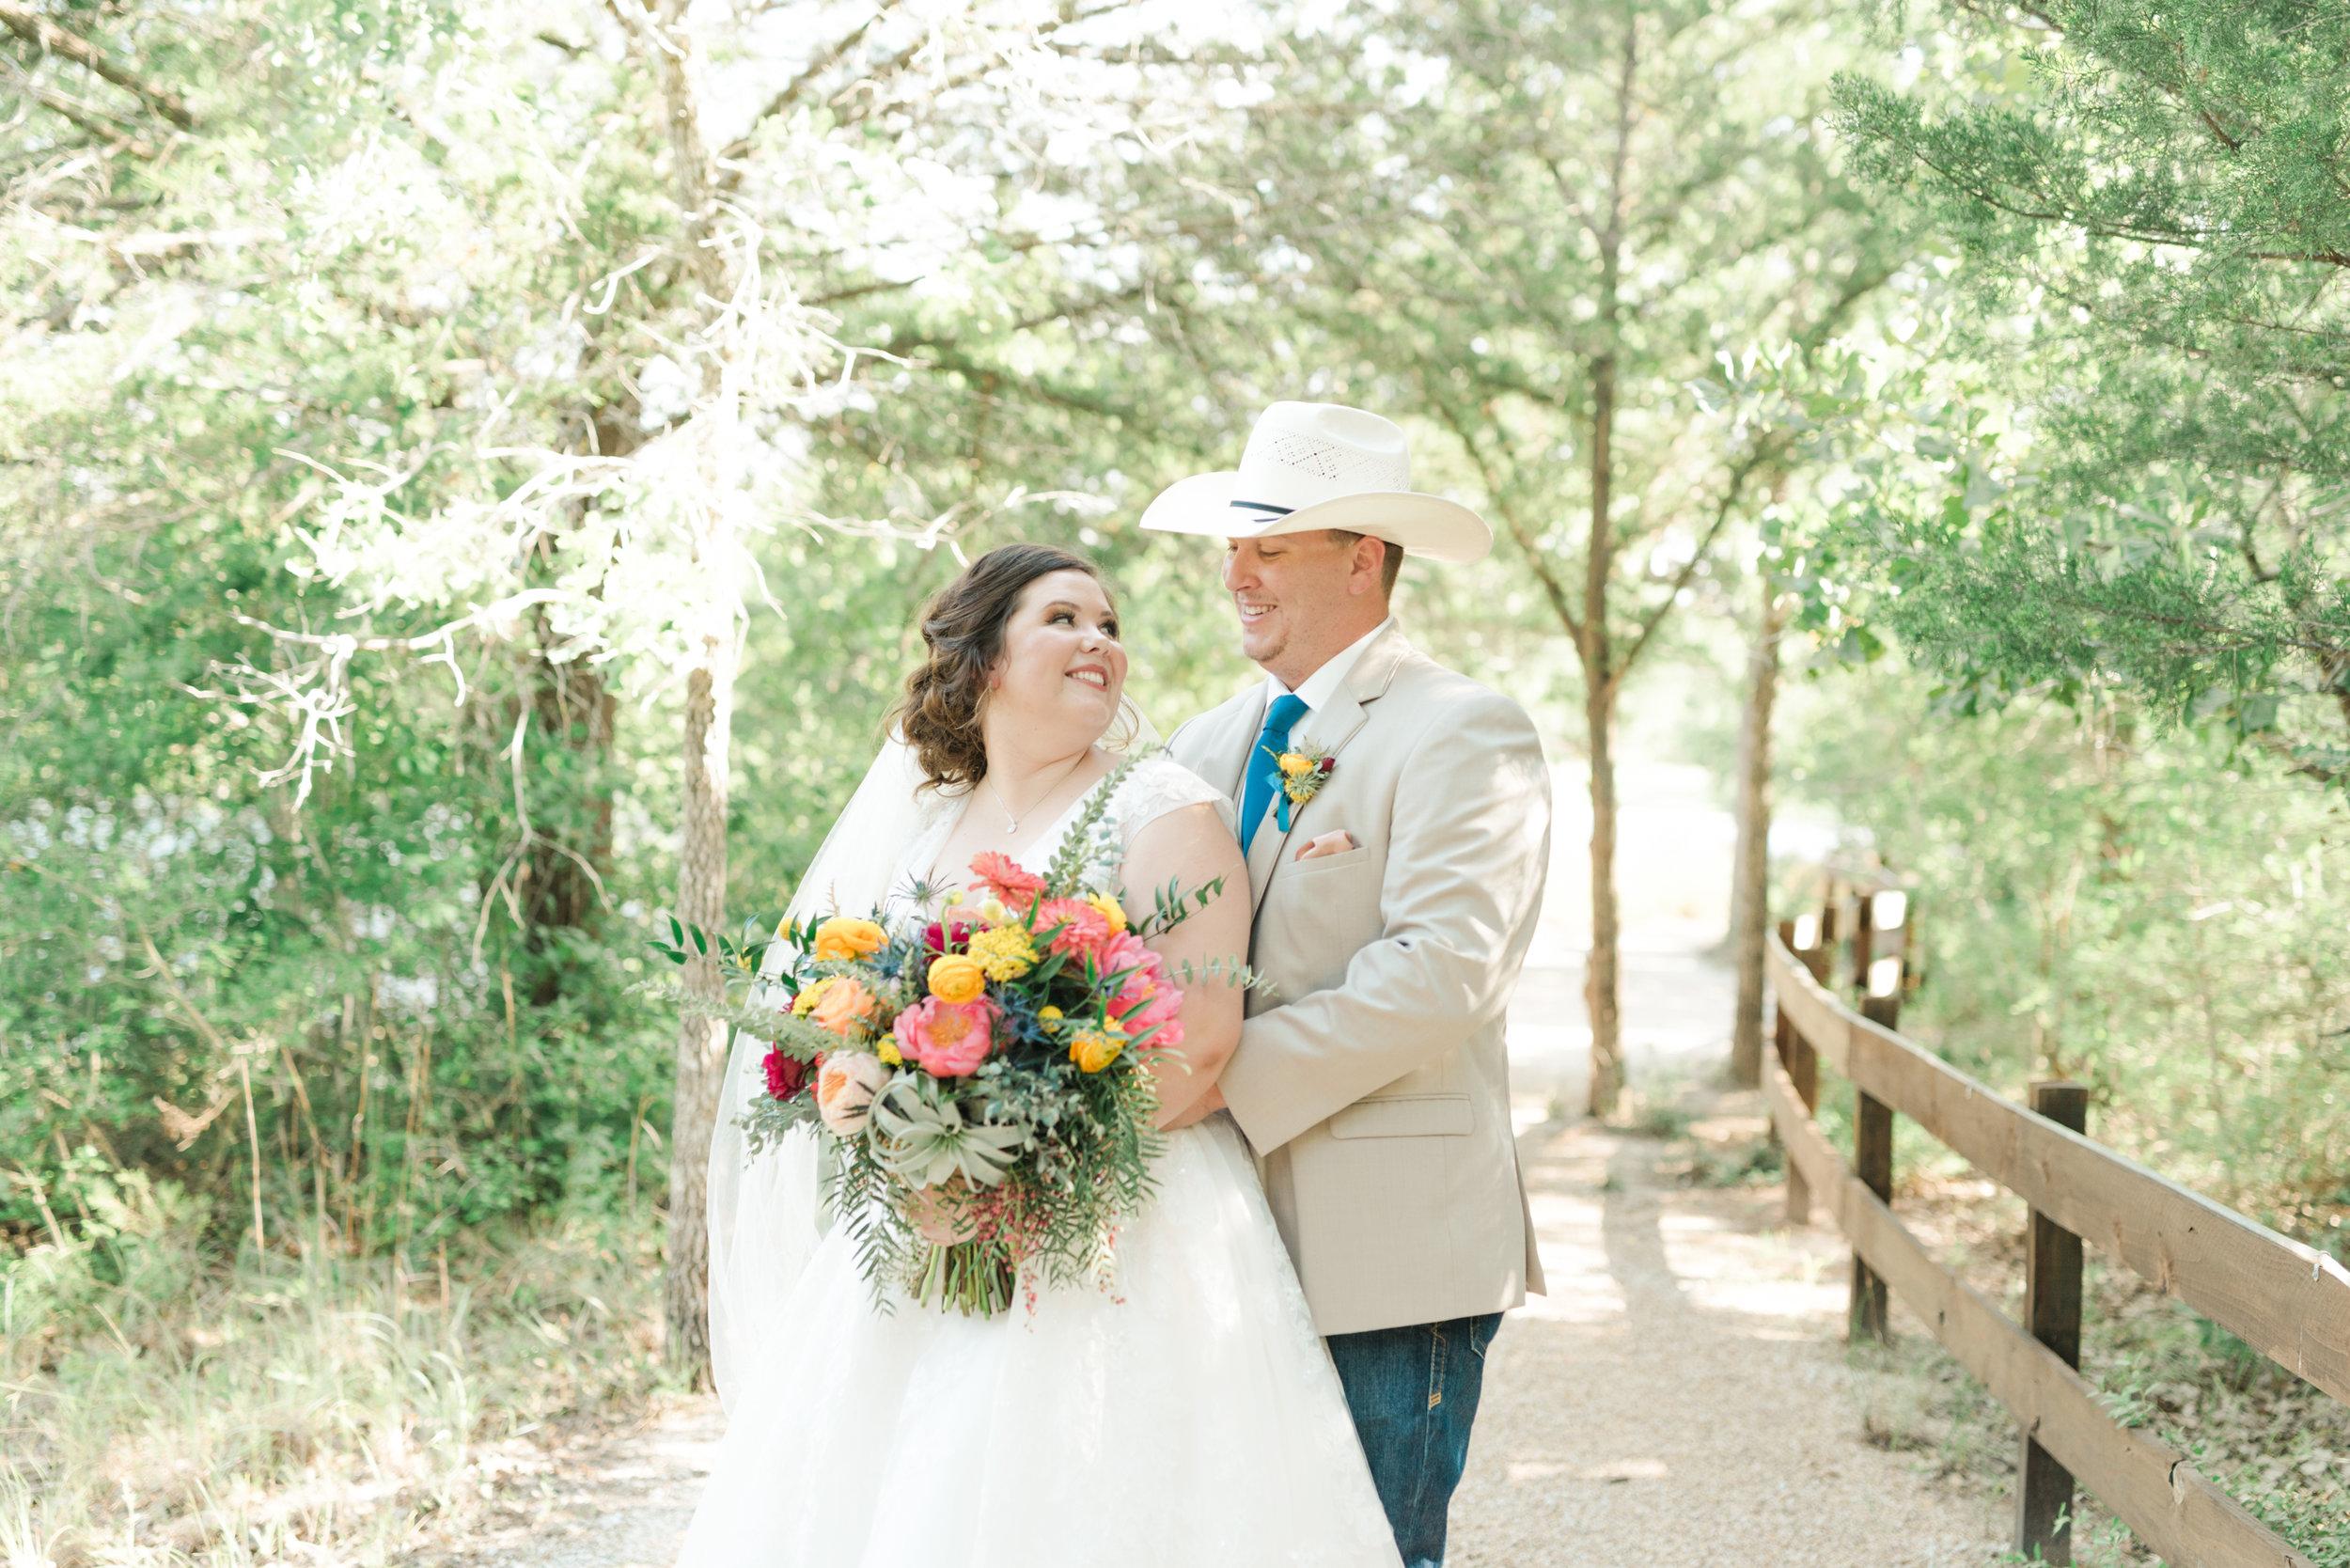 Wesley-Wedding-Ten23-Photography-356.jpg